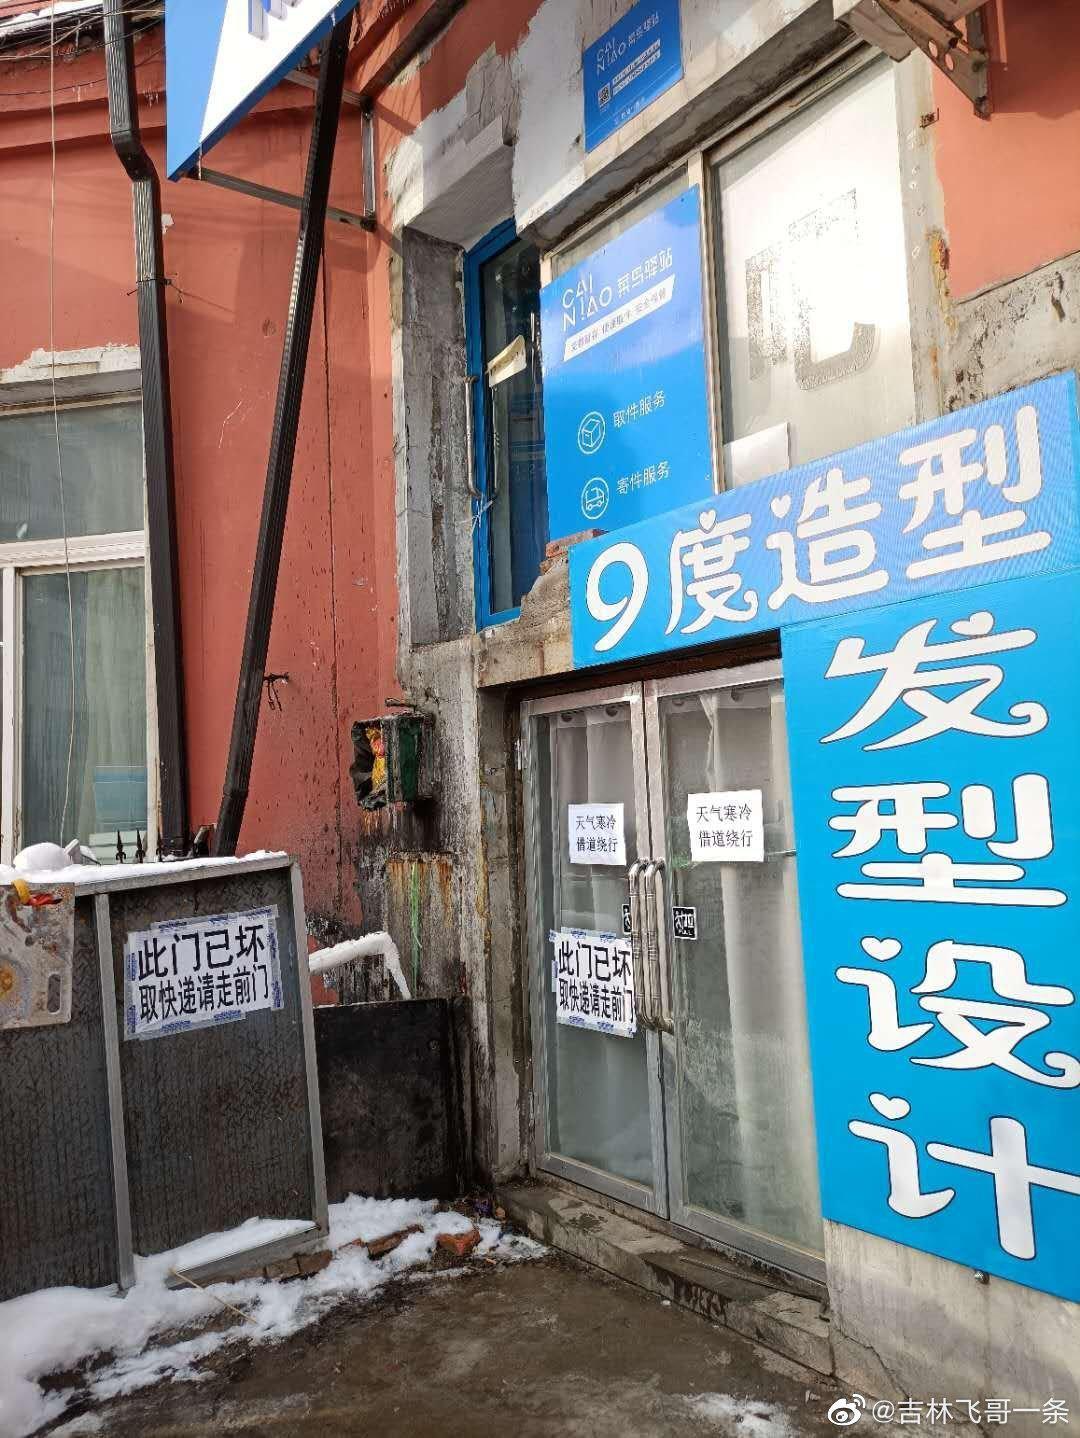 网友爆料:北华大学北校区菜鸟驿站在发廊二楼……